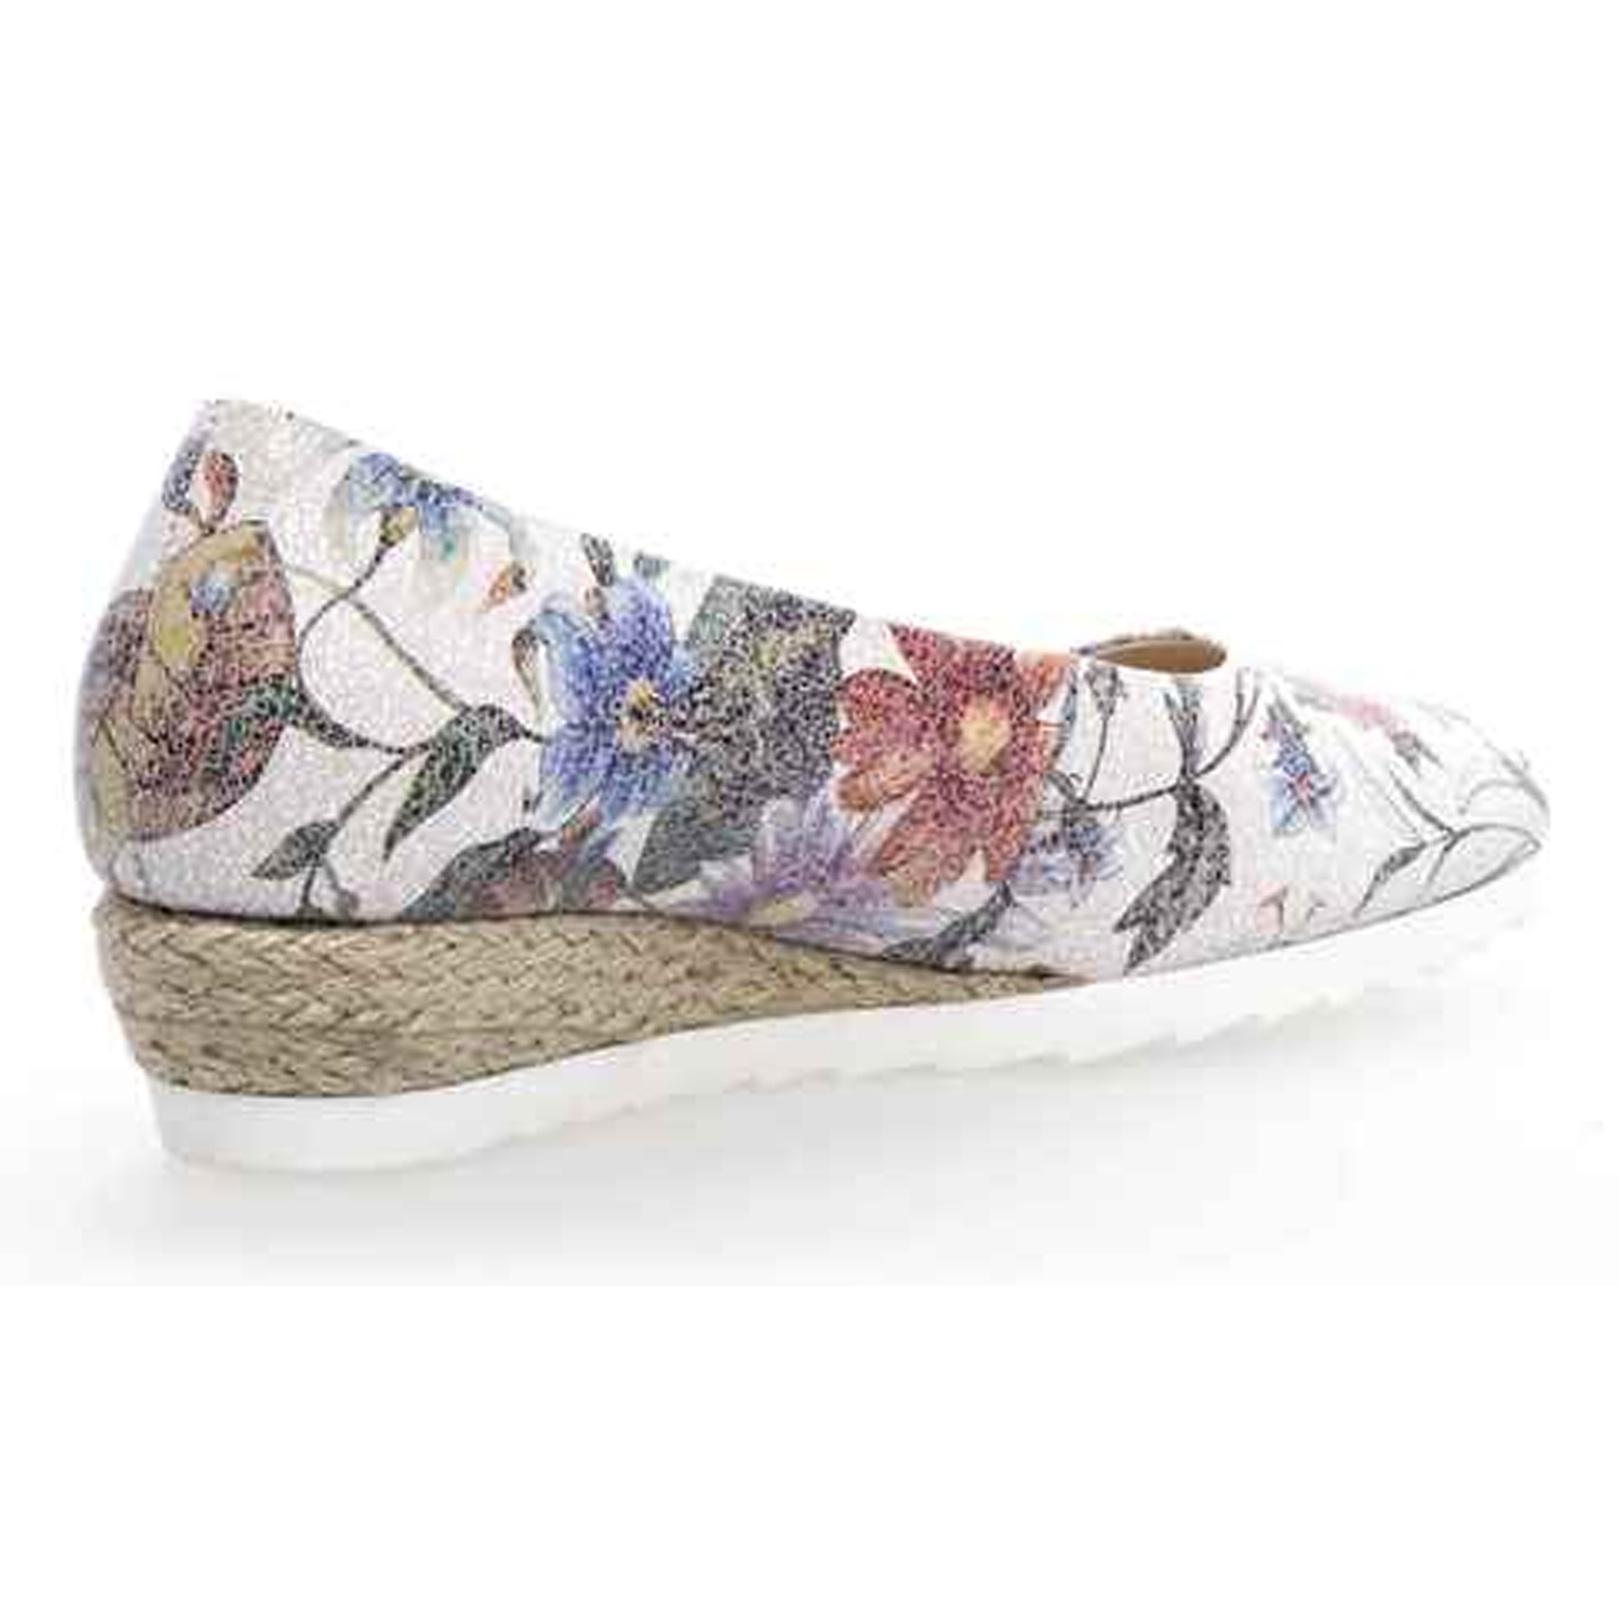 کفش زنانه گابور مدل 82.630.38 main 1 5